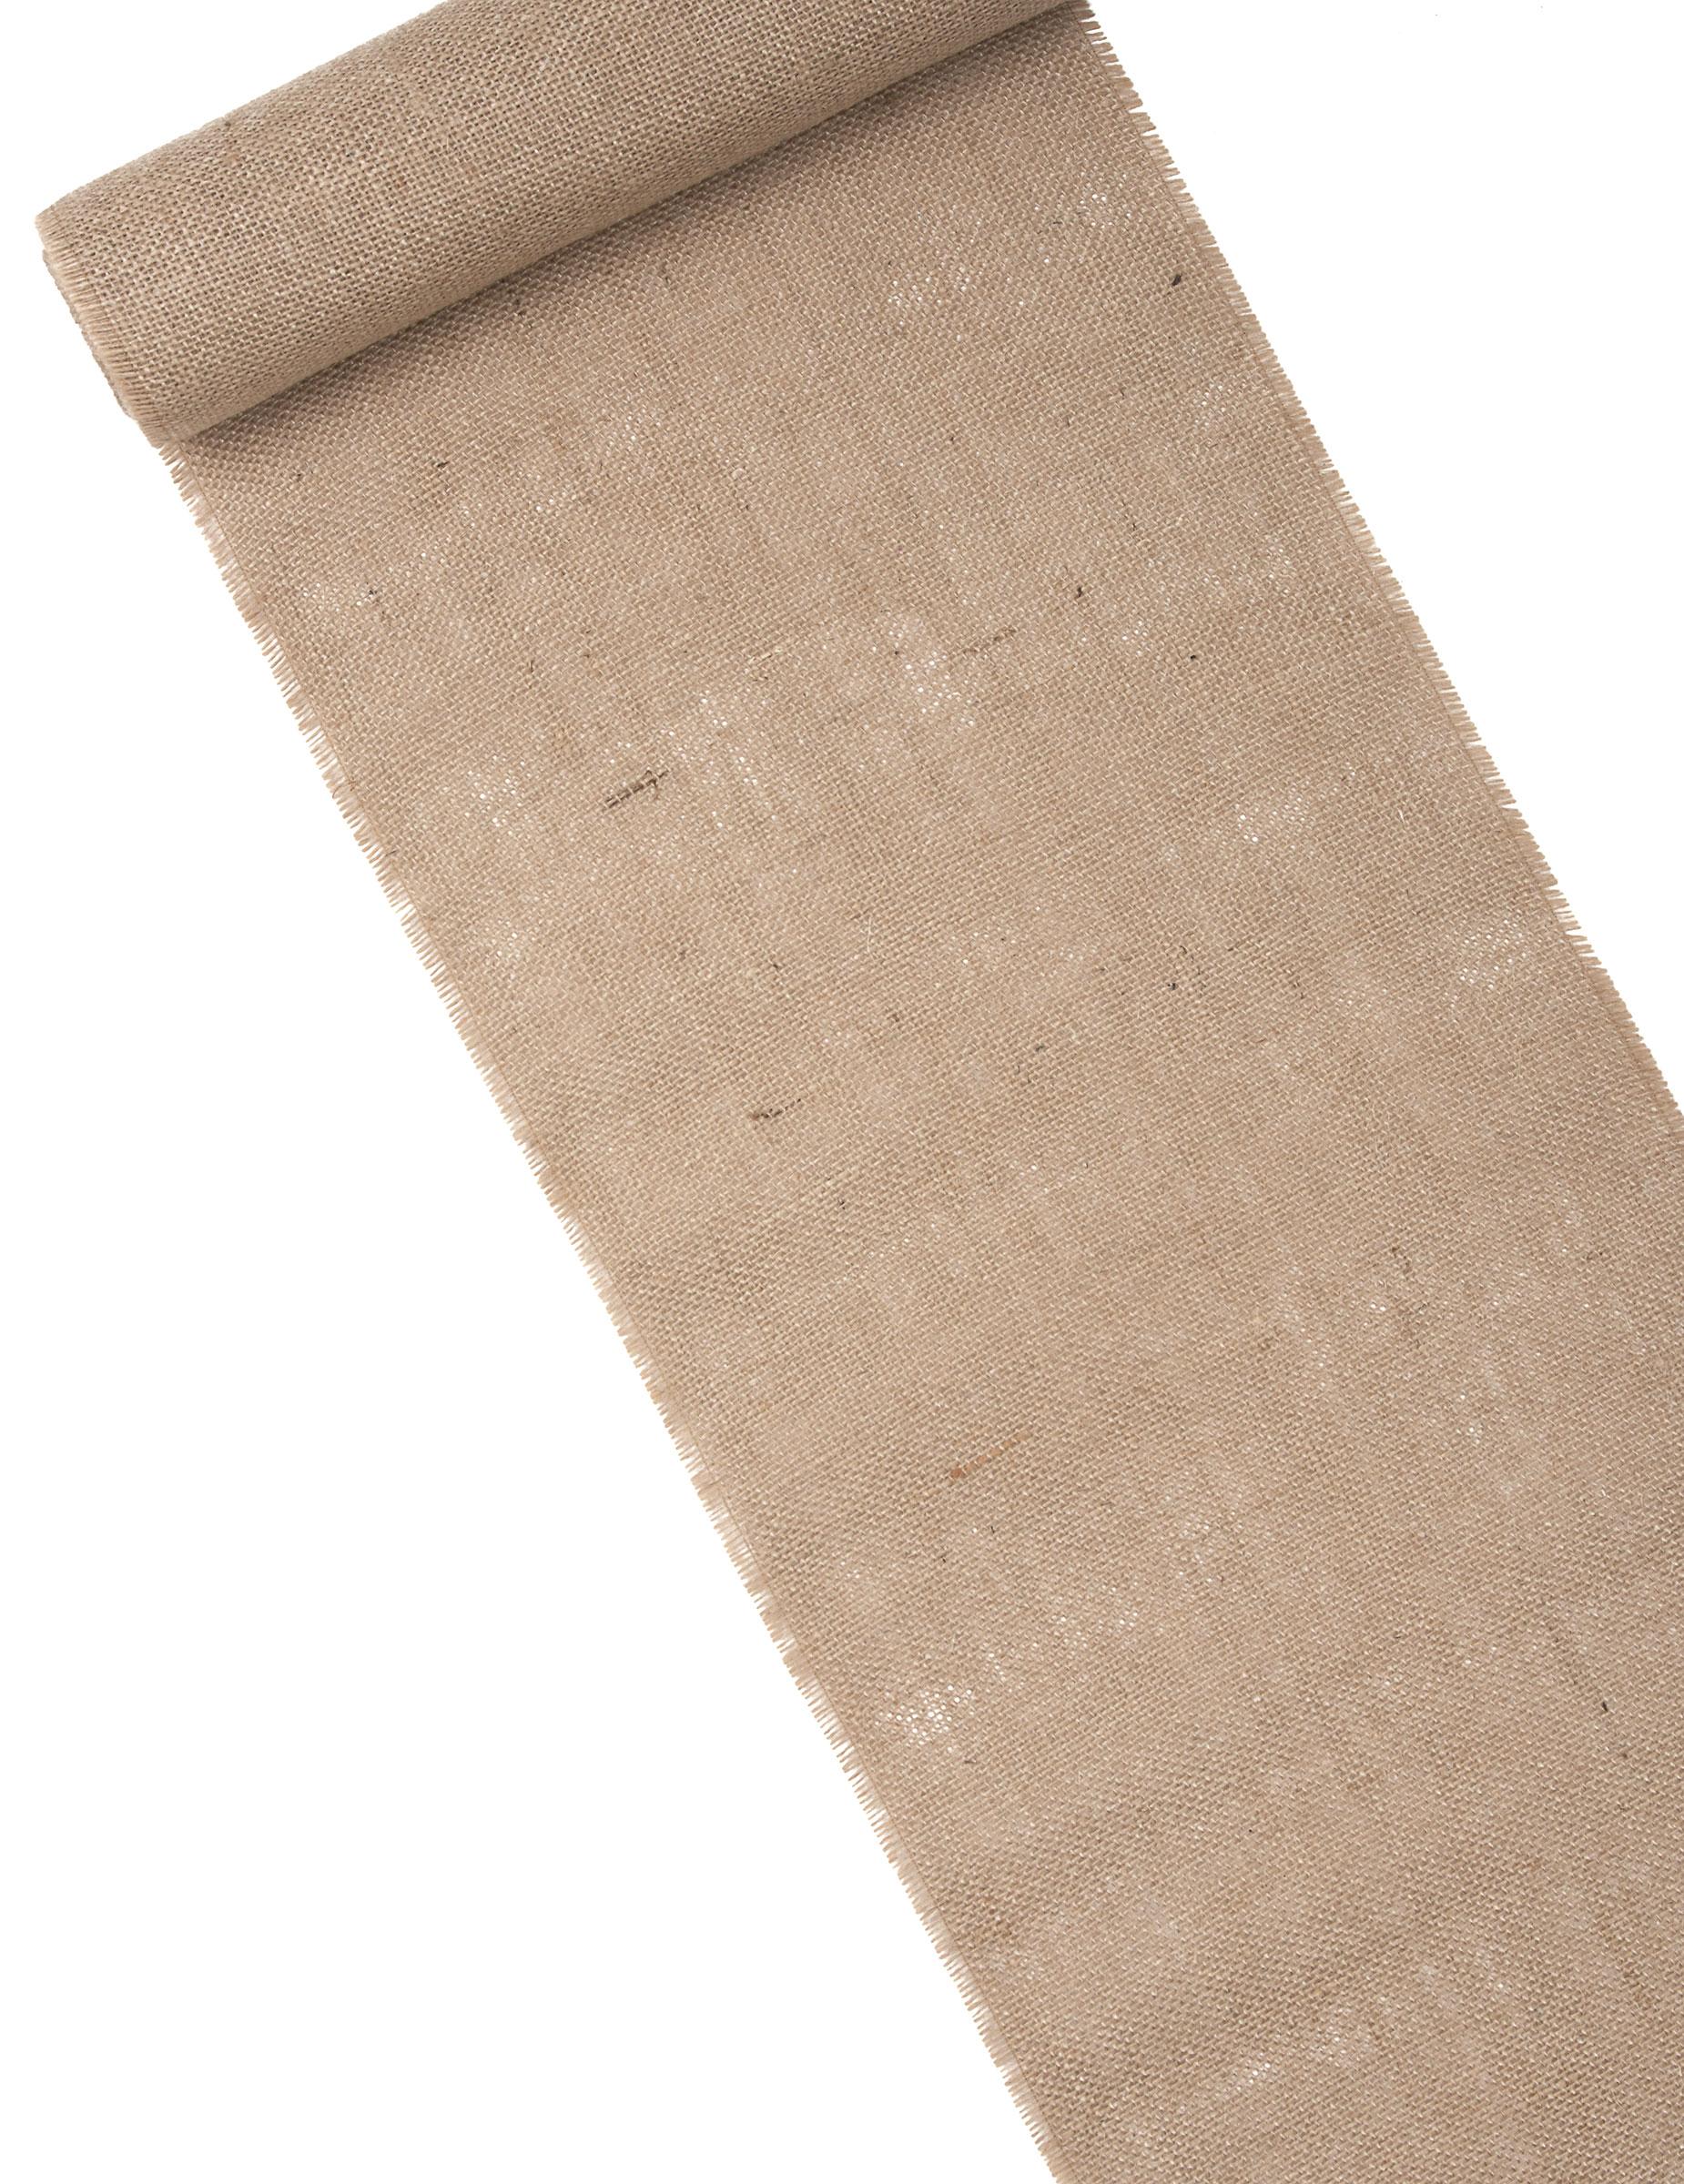 chemin de table en toile de jute naturelle 5 m d coration. Black Bedroom Furniture Sets. Home Design Ideas